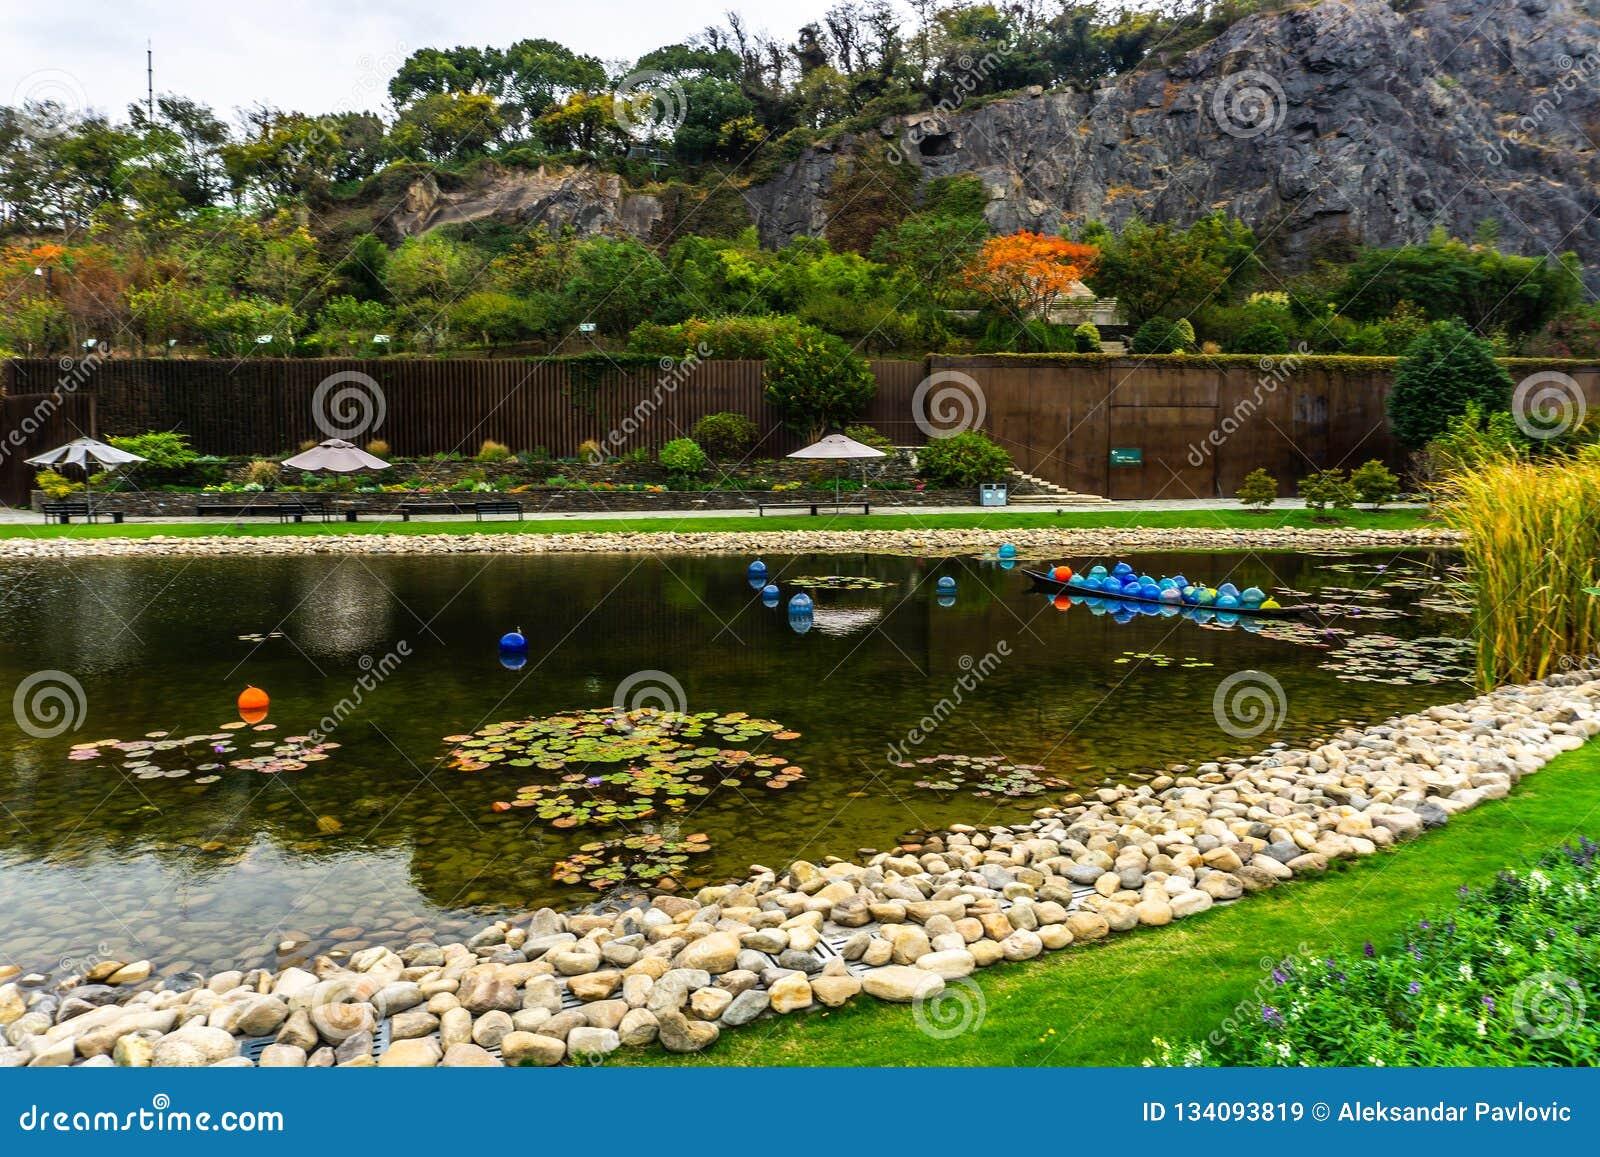 中国上海植物园13